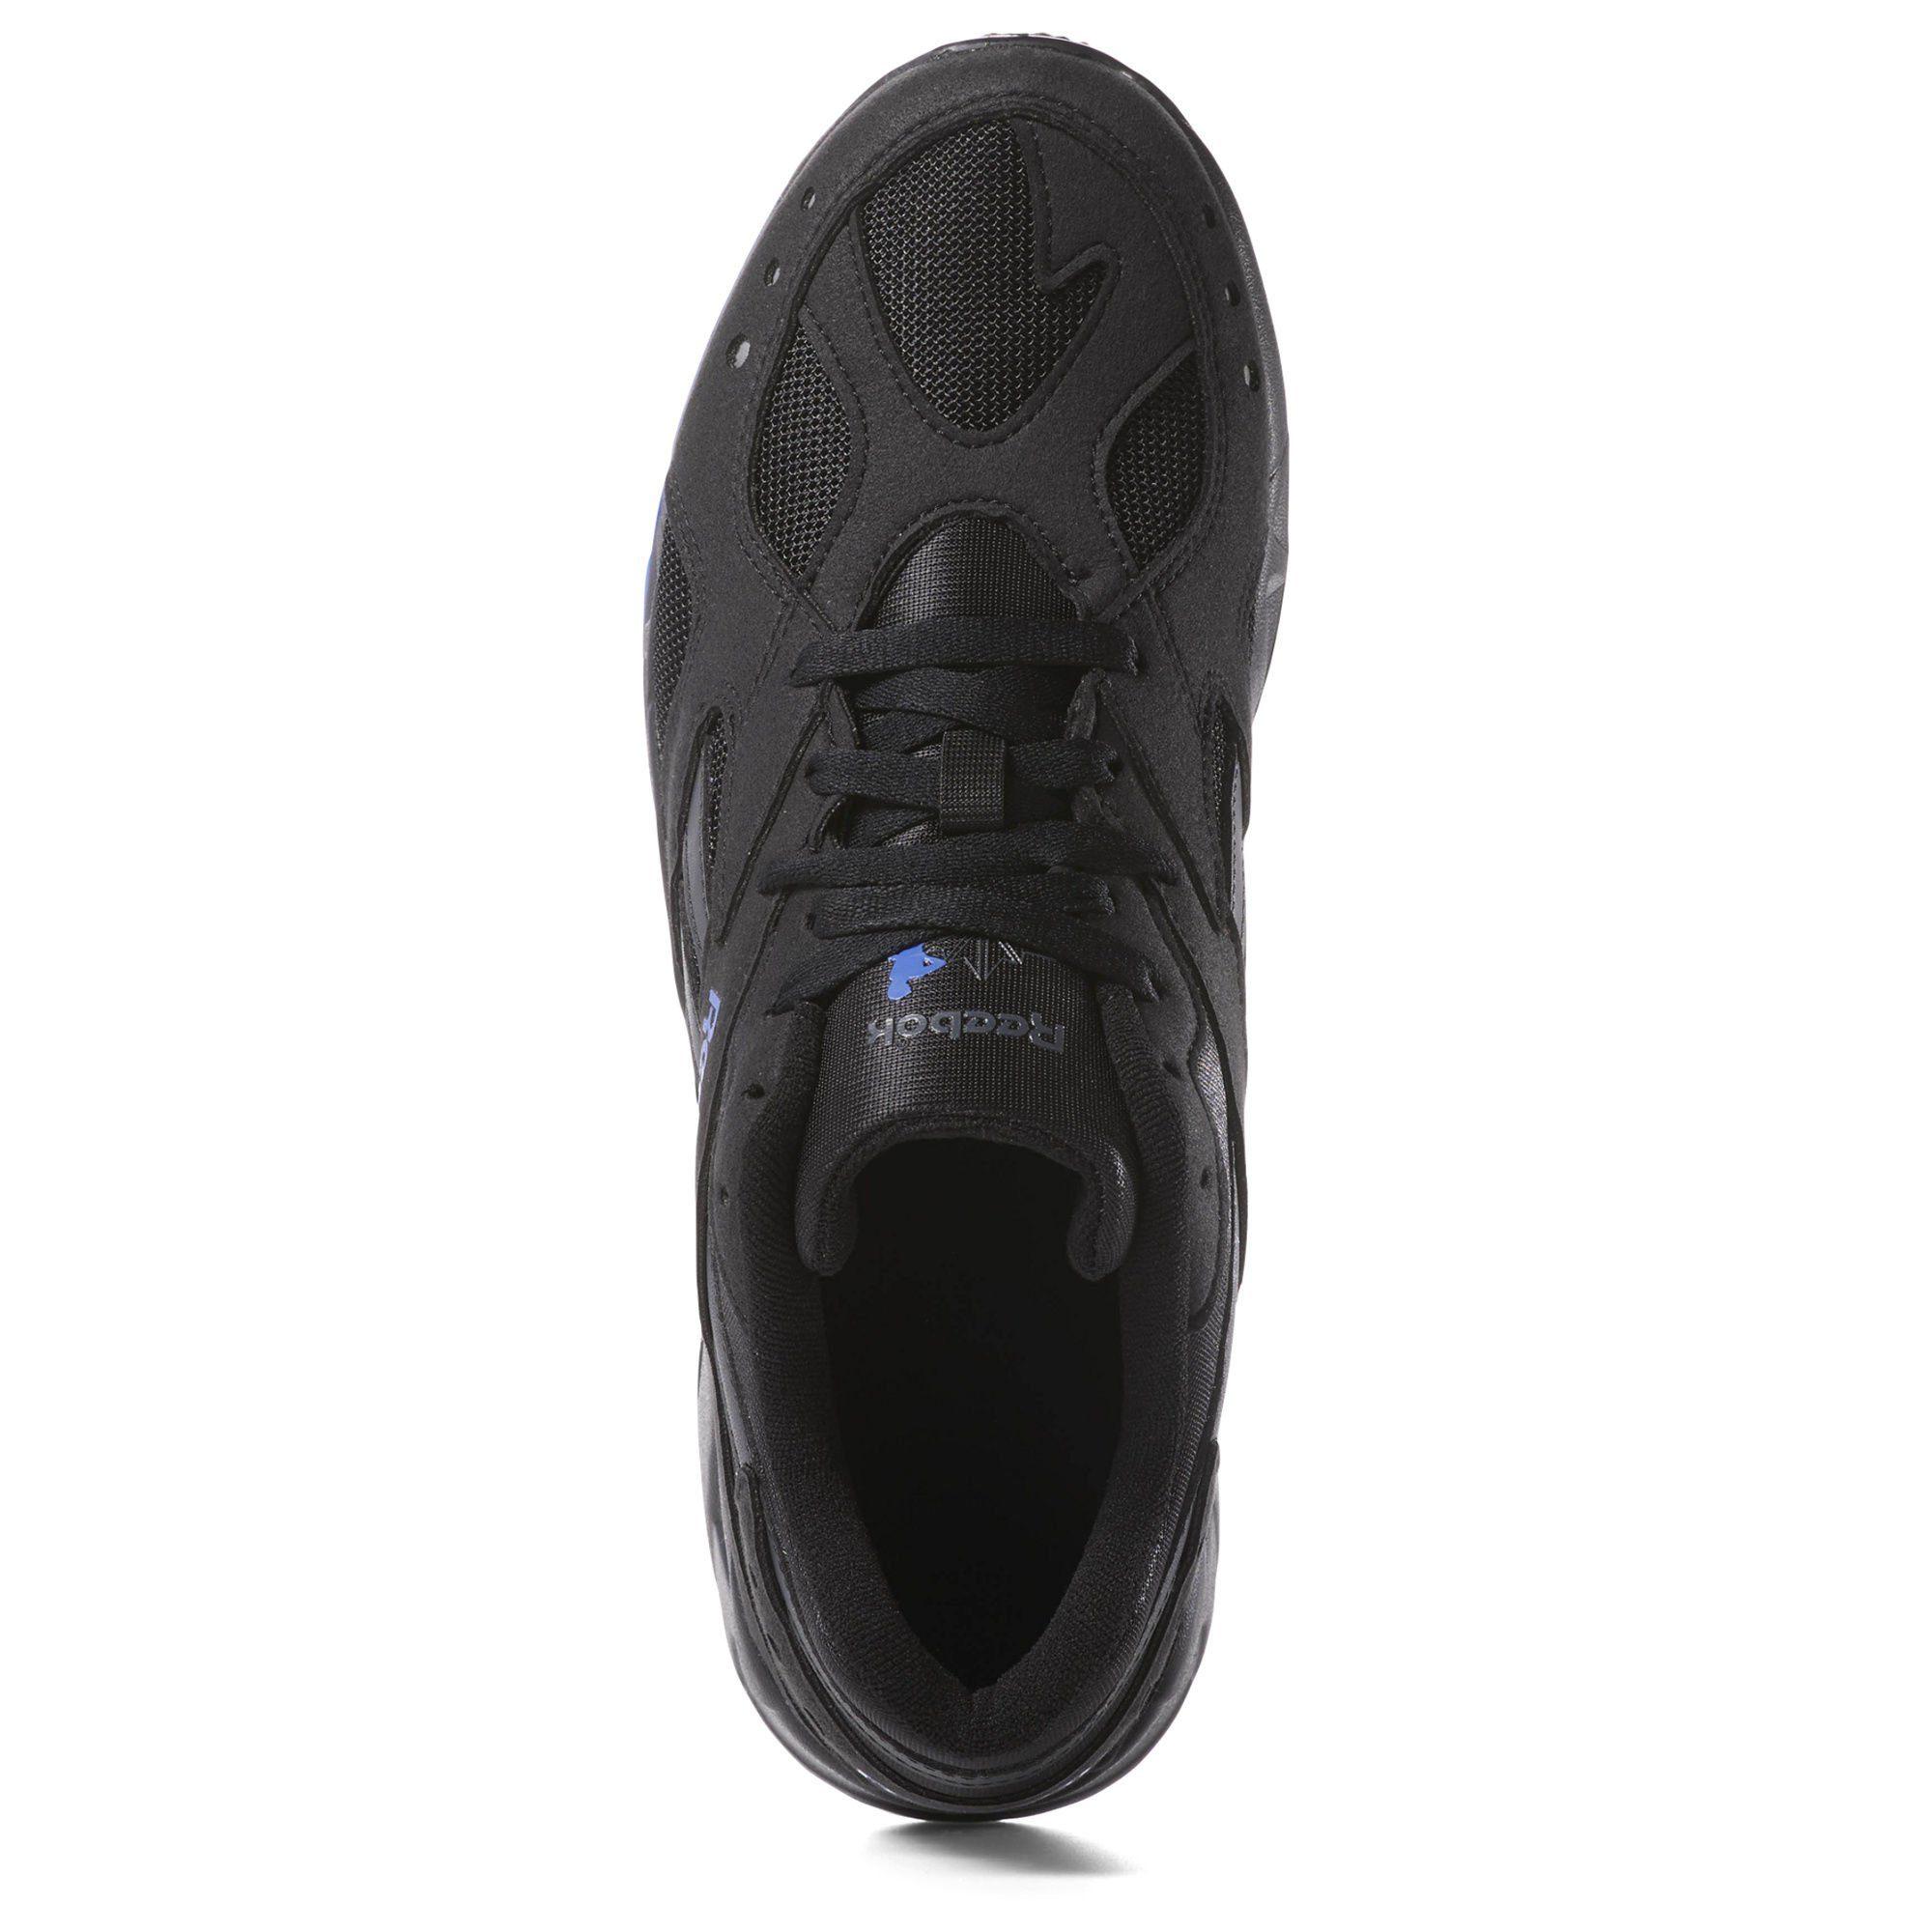 Kaufen Sneaker Aztrek Reebok Black nr Online Artikel Classic 6075784199 ZnPnIT